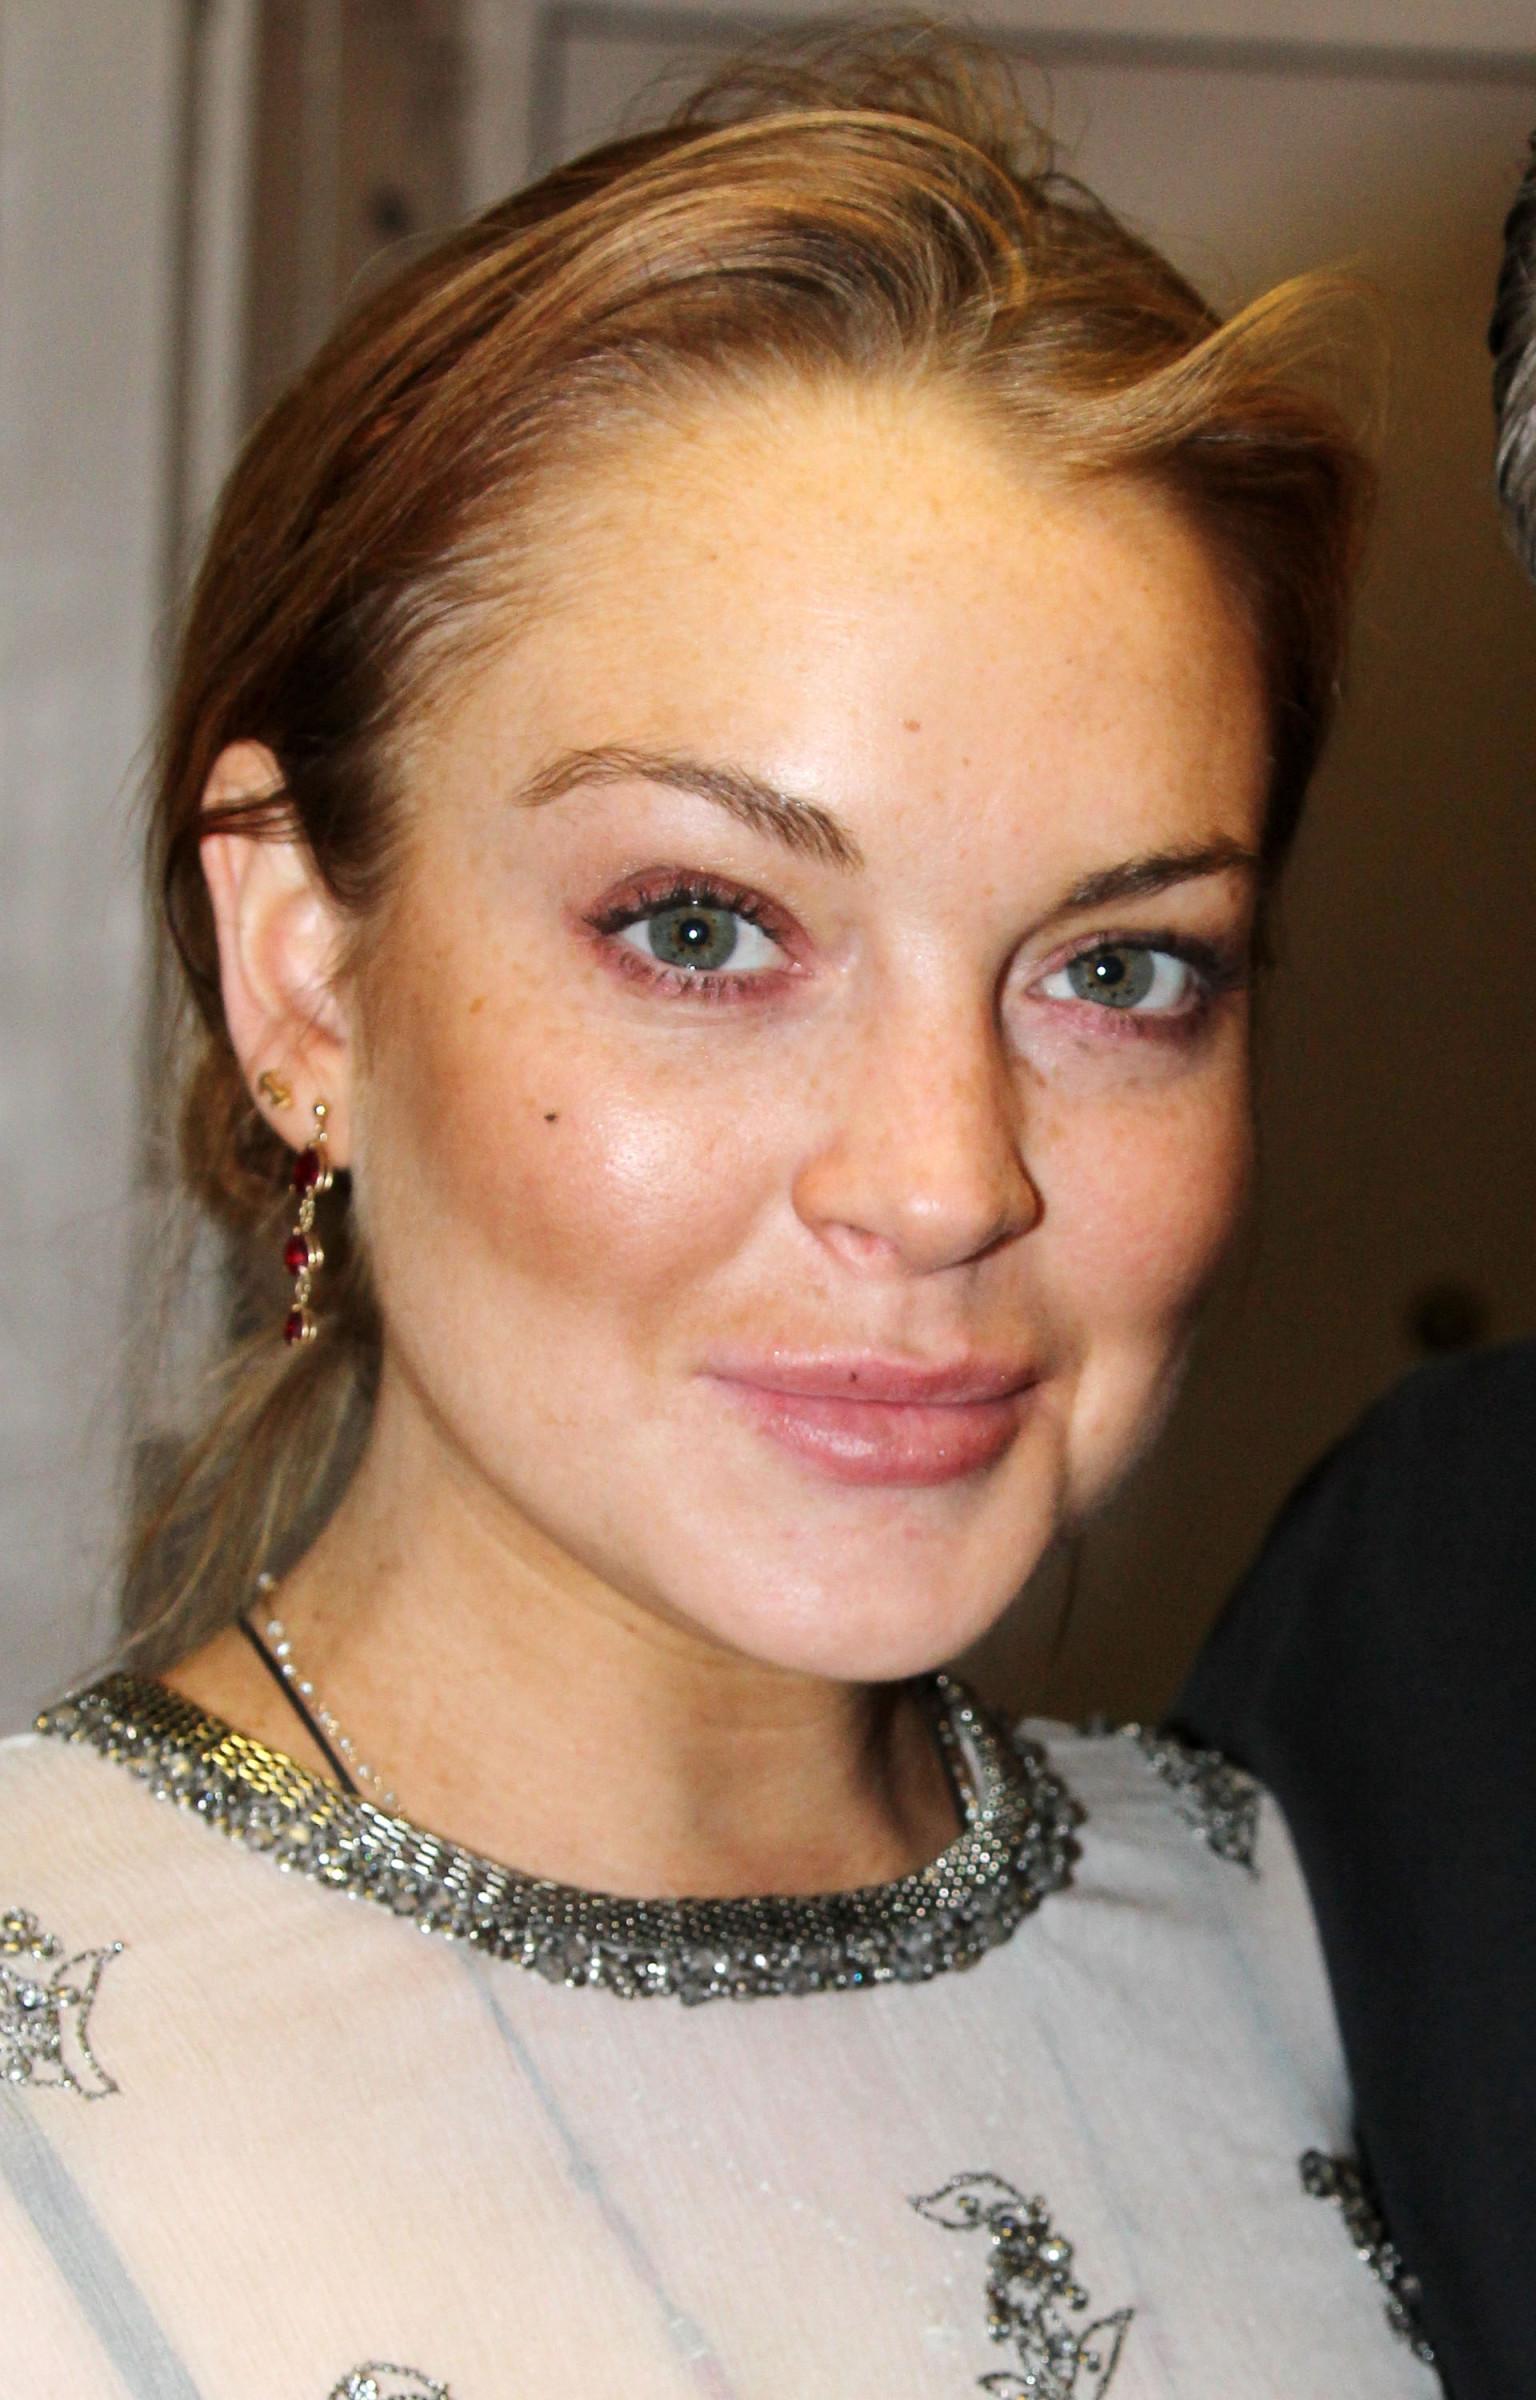 Lindsay Lohan's Post Rehab Plans: Actress Considers Move ... Lindsay Lohan